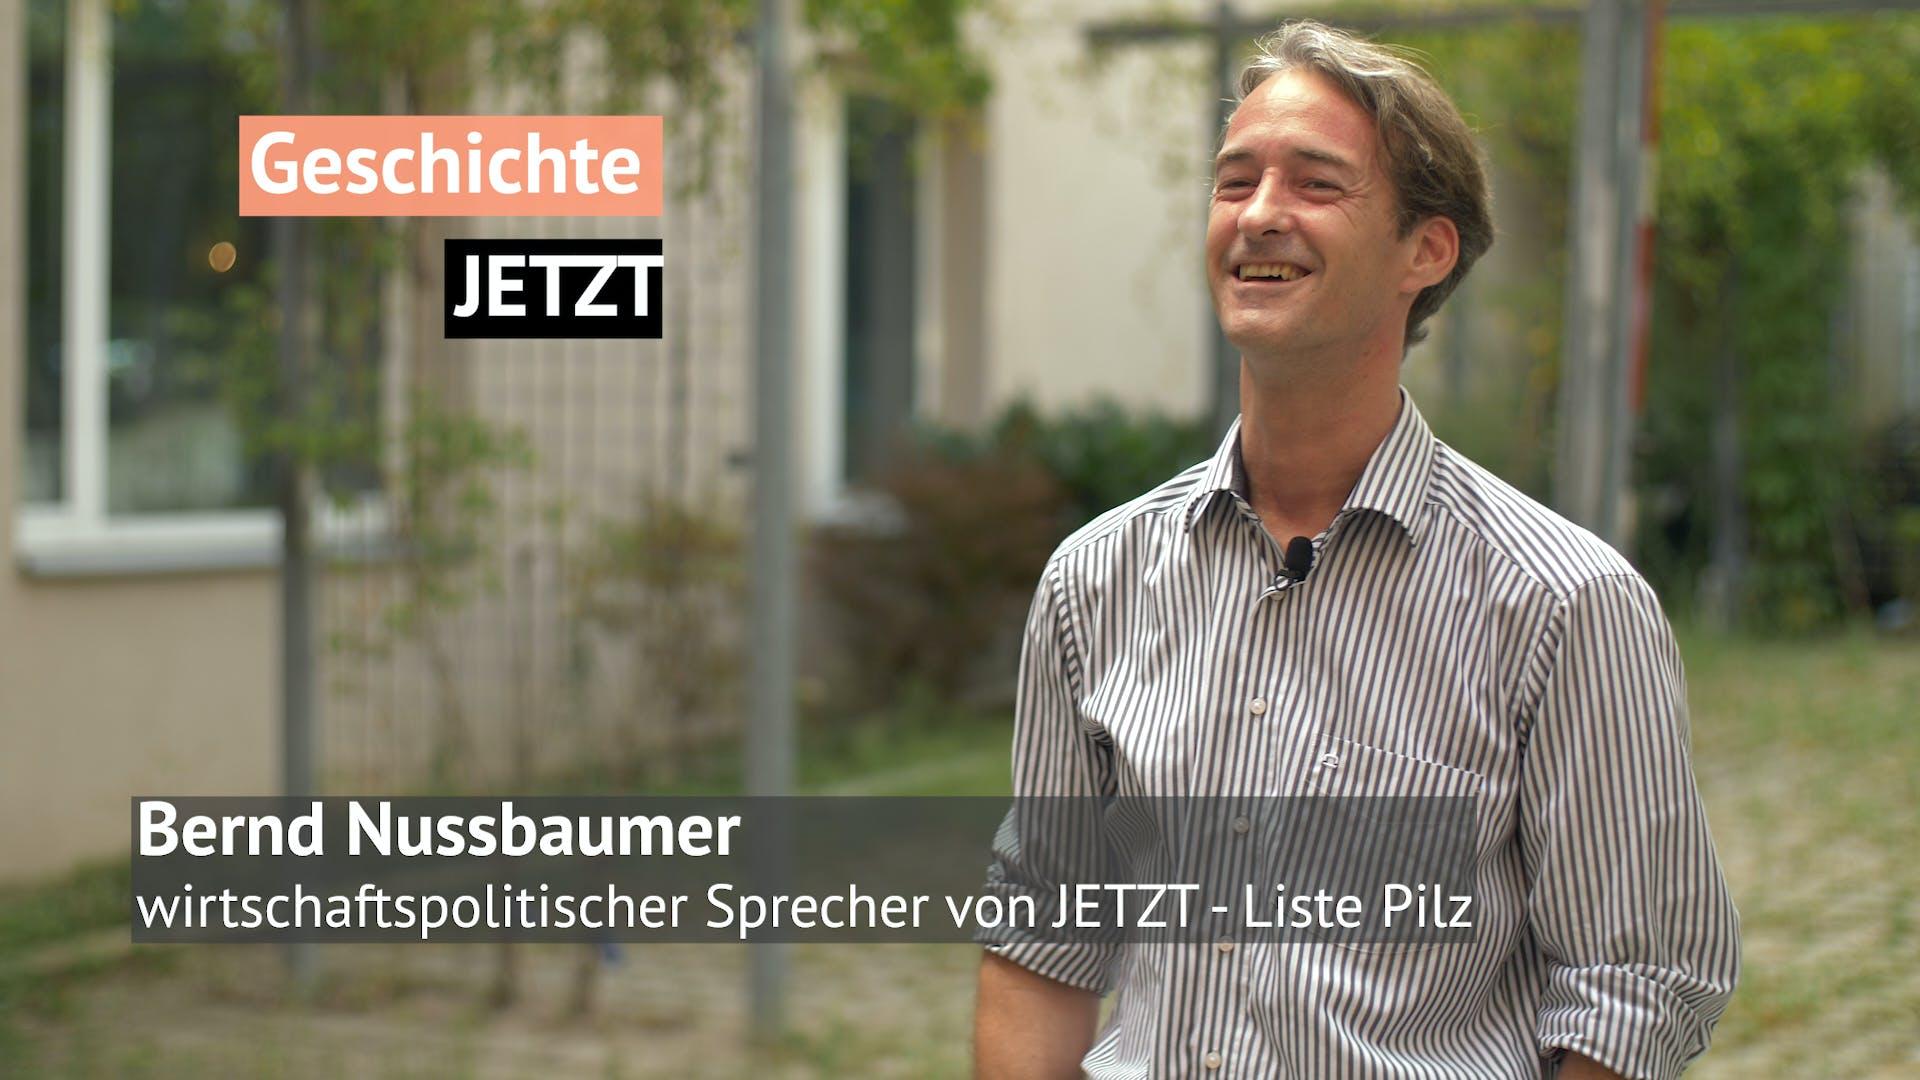 Geschichte JETZT - Bernd Nussbaumer